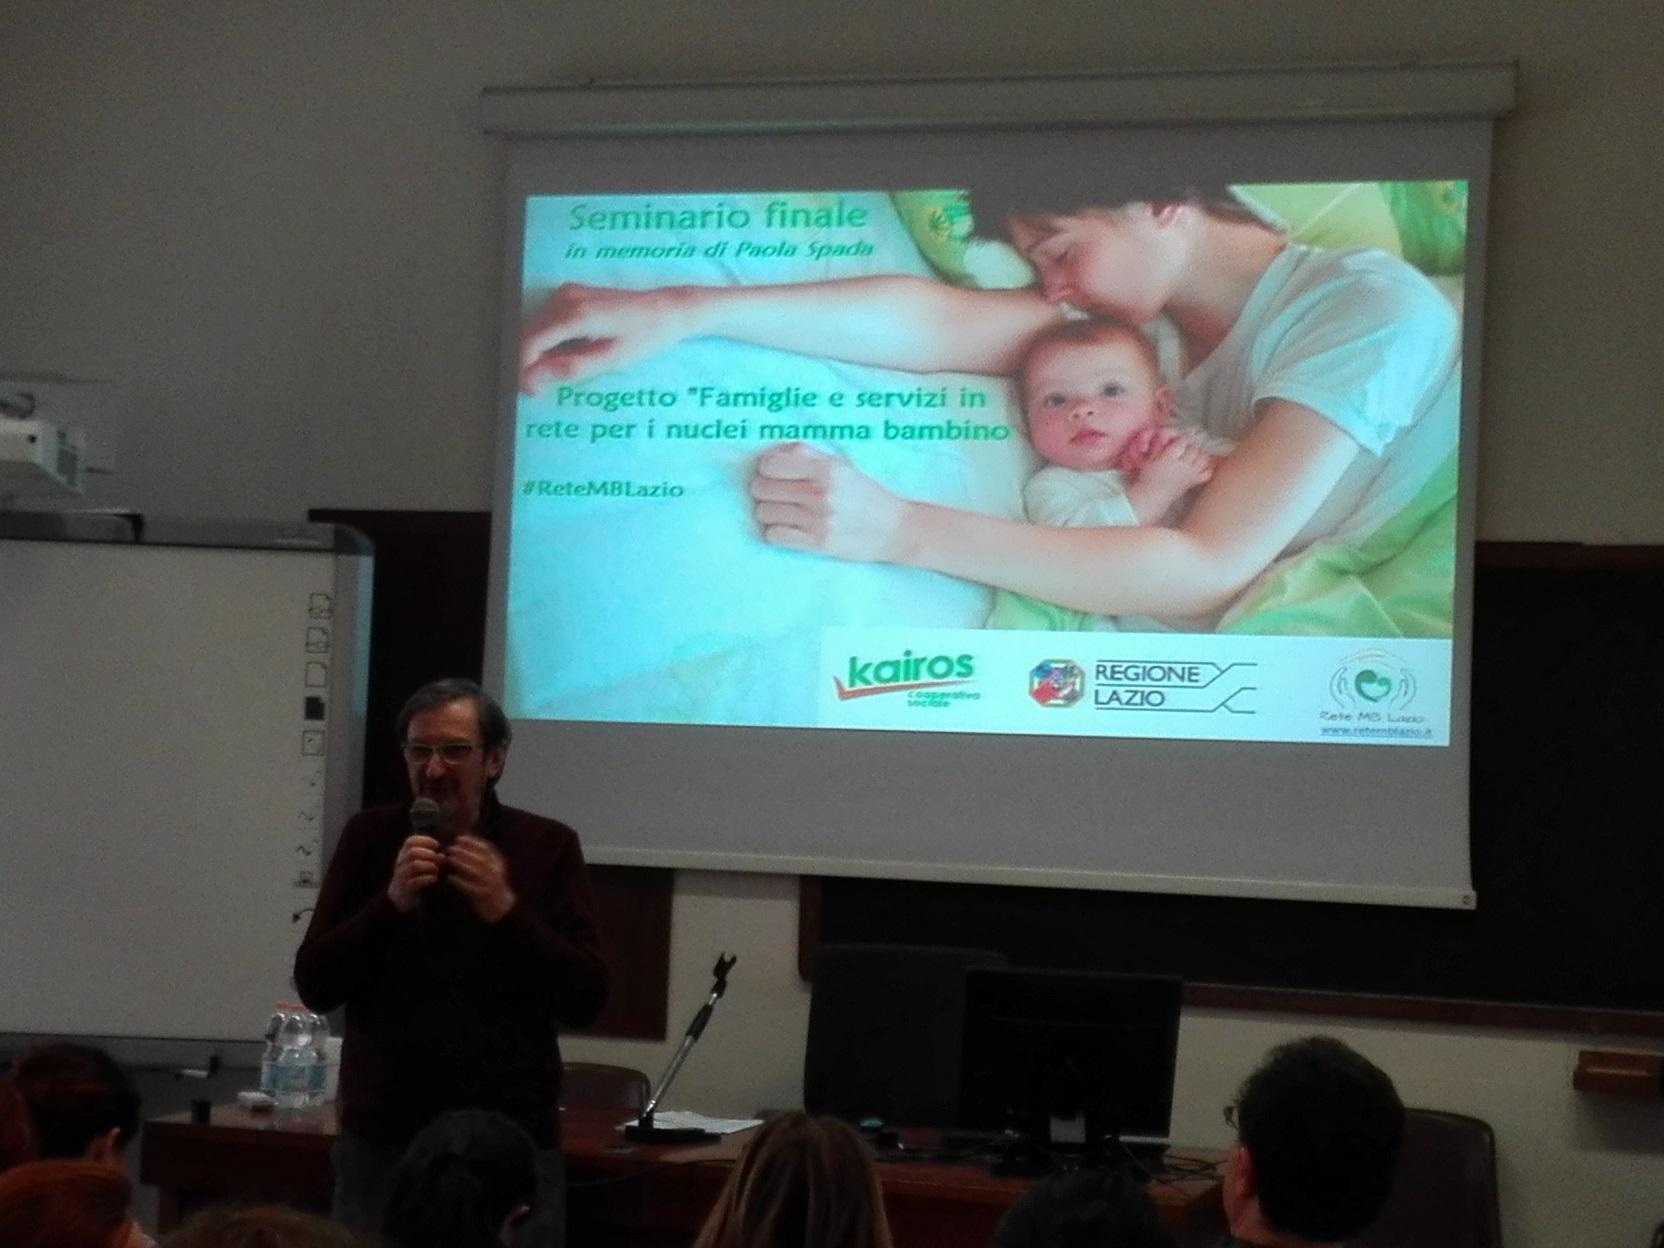 """Martino Rebonato è intervenuto per Kairos al Seminario finale del progetto """"Famiglie e servizi in rete per i nuclei mamma-bambino"""""""